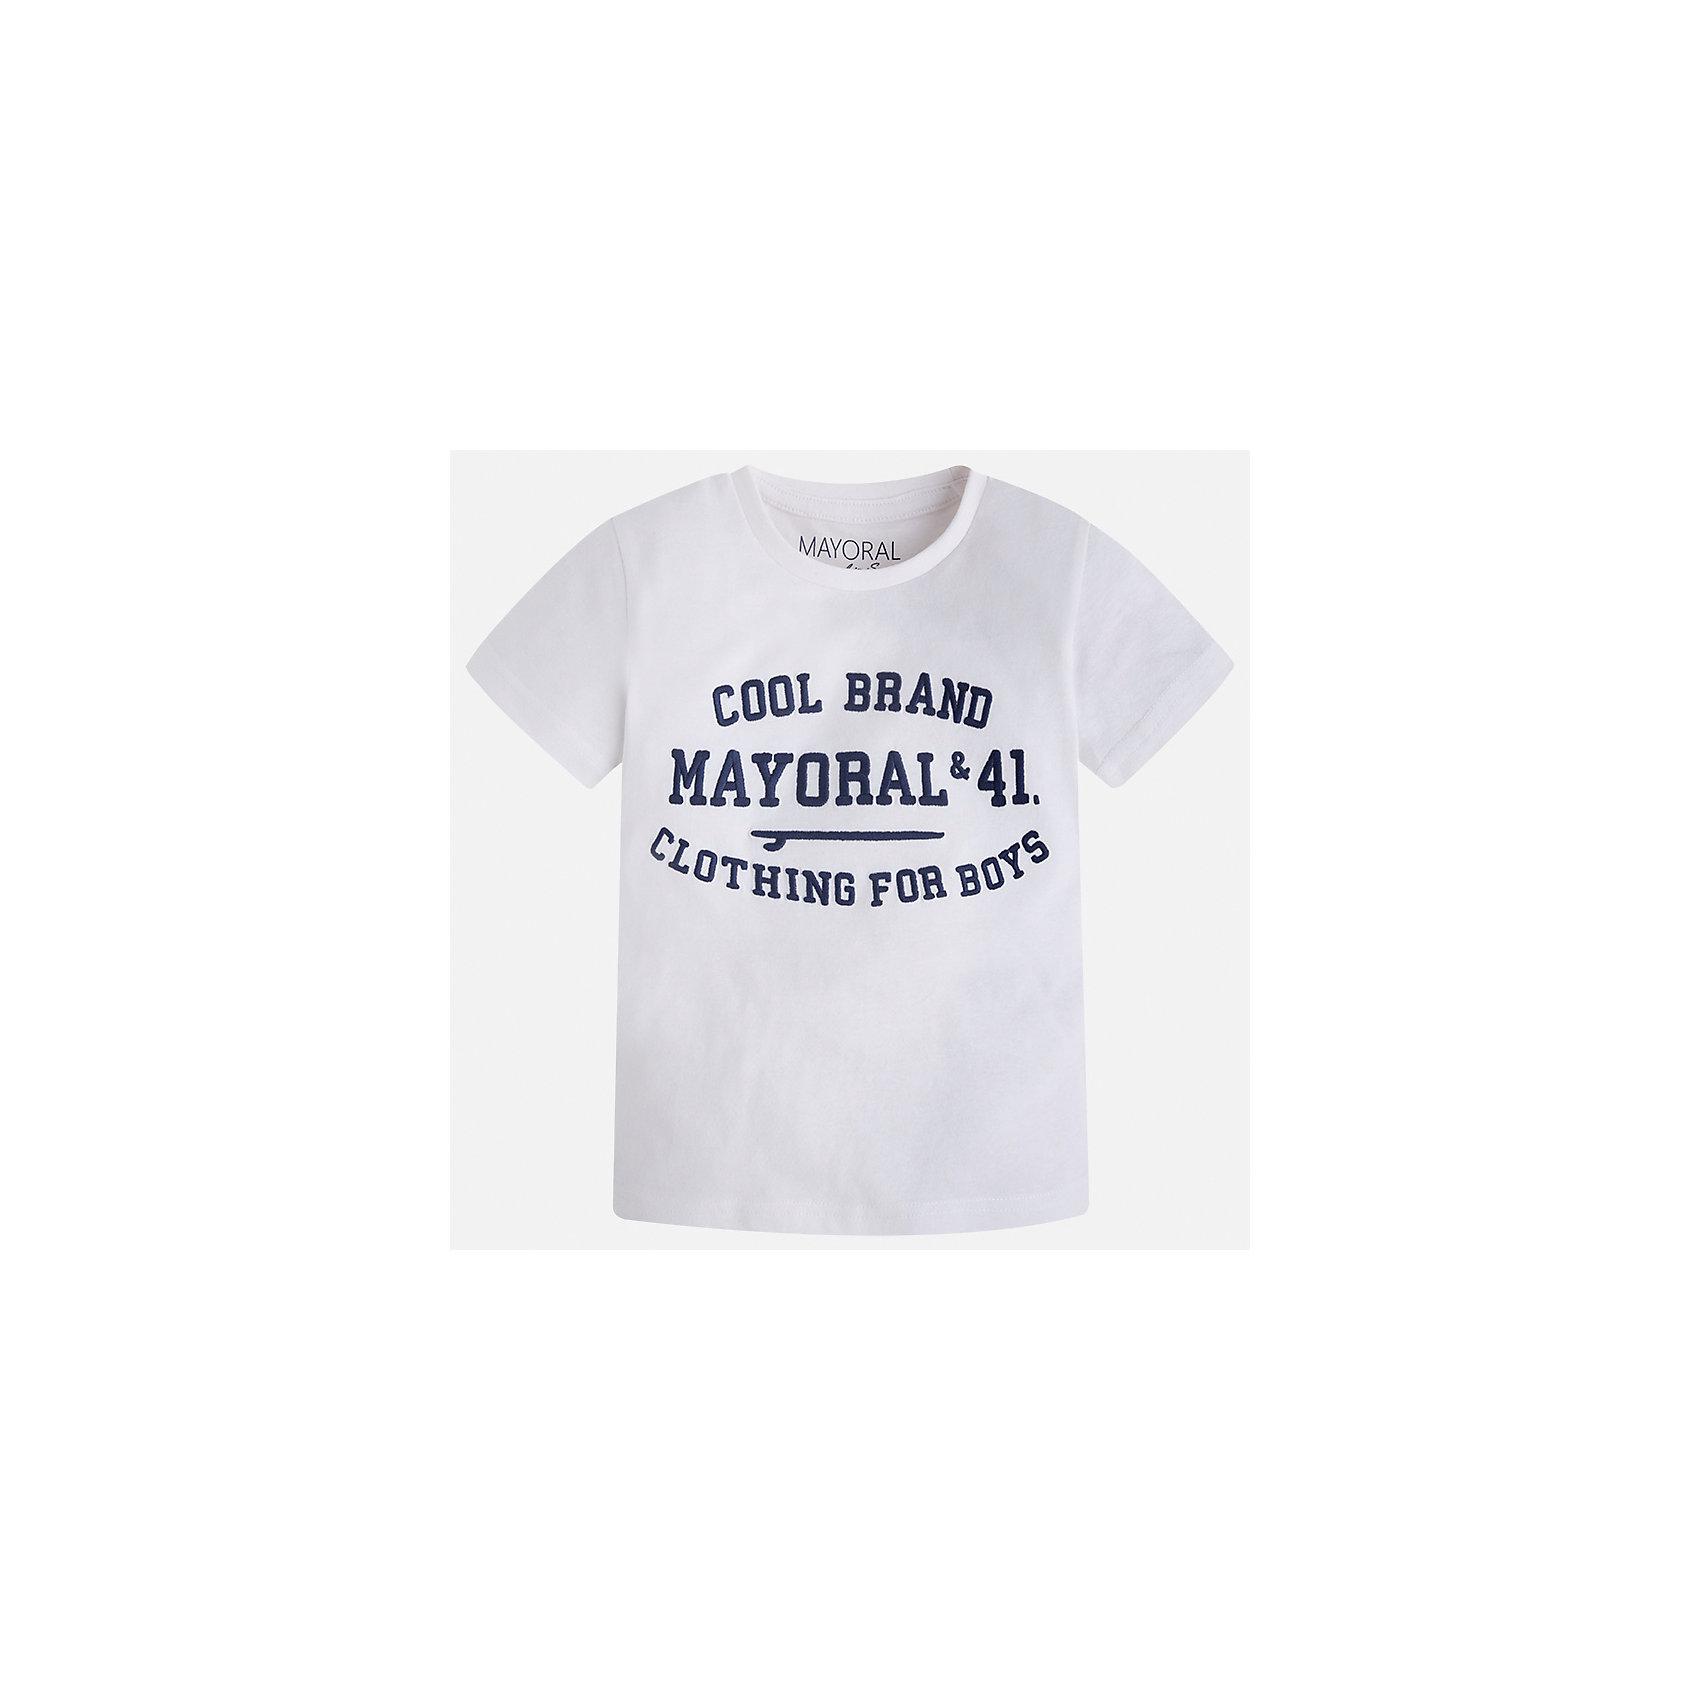 Футболка для мальчика MayoralФутболки, поло и топы<br>Характеристики товара:<br><br>• цвет: белый<br>• состав: 100% хлопок<br>• мягкая отделка ворота<br>• короткие рукава<br>• округлая горловина<br>• декорирована принтом<br>• страна бренда: Испания<br><br>Стильная удобная футболка для мальчика может стать базовой вещью в гардеробе ребенка. Она отлично сочетается с брюками, шортами, джинсами. Универсальный крой и цвет позволяет подобрать к вещи низ разных расцветок. Практичное и стильное изделие! В составе материала - только натуральный хлопок, гипоаллергенный, приятный на ощупь, дышащий.<br><br>Одежда, обувь и аксессуары от испанского бренда Mayoral полюбились детям и взрослым по всему миру. Модели этой марки - стильные и удобные. Для их производства используются только безопасные, качественные материалы и фурнитура. Порадуйте ребенка модными и красивыми вещами от Mayoral! <br><br>Футболку для мальчика от испанского бренда Mayoral (Майорал) можно купить в нашем интернет-магазине.<br><br>Ширина мм: 199<br>Глубина мм: 10<br>Высота мм: 161<br>Вес г: 151<br>Цвет: белый<br>Возраст от месяцев: 72<br>Возраст до месяцев: 84<br>Пол: Мужской<br>Возраст: Детский<br>Размер: 122,134,128,116,110,104,92,98<br>SKU: 5277812